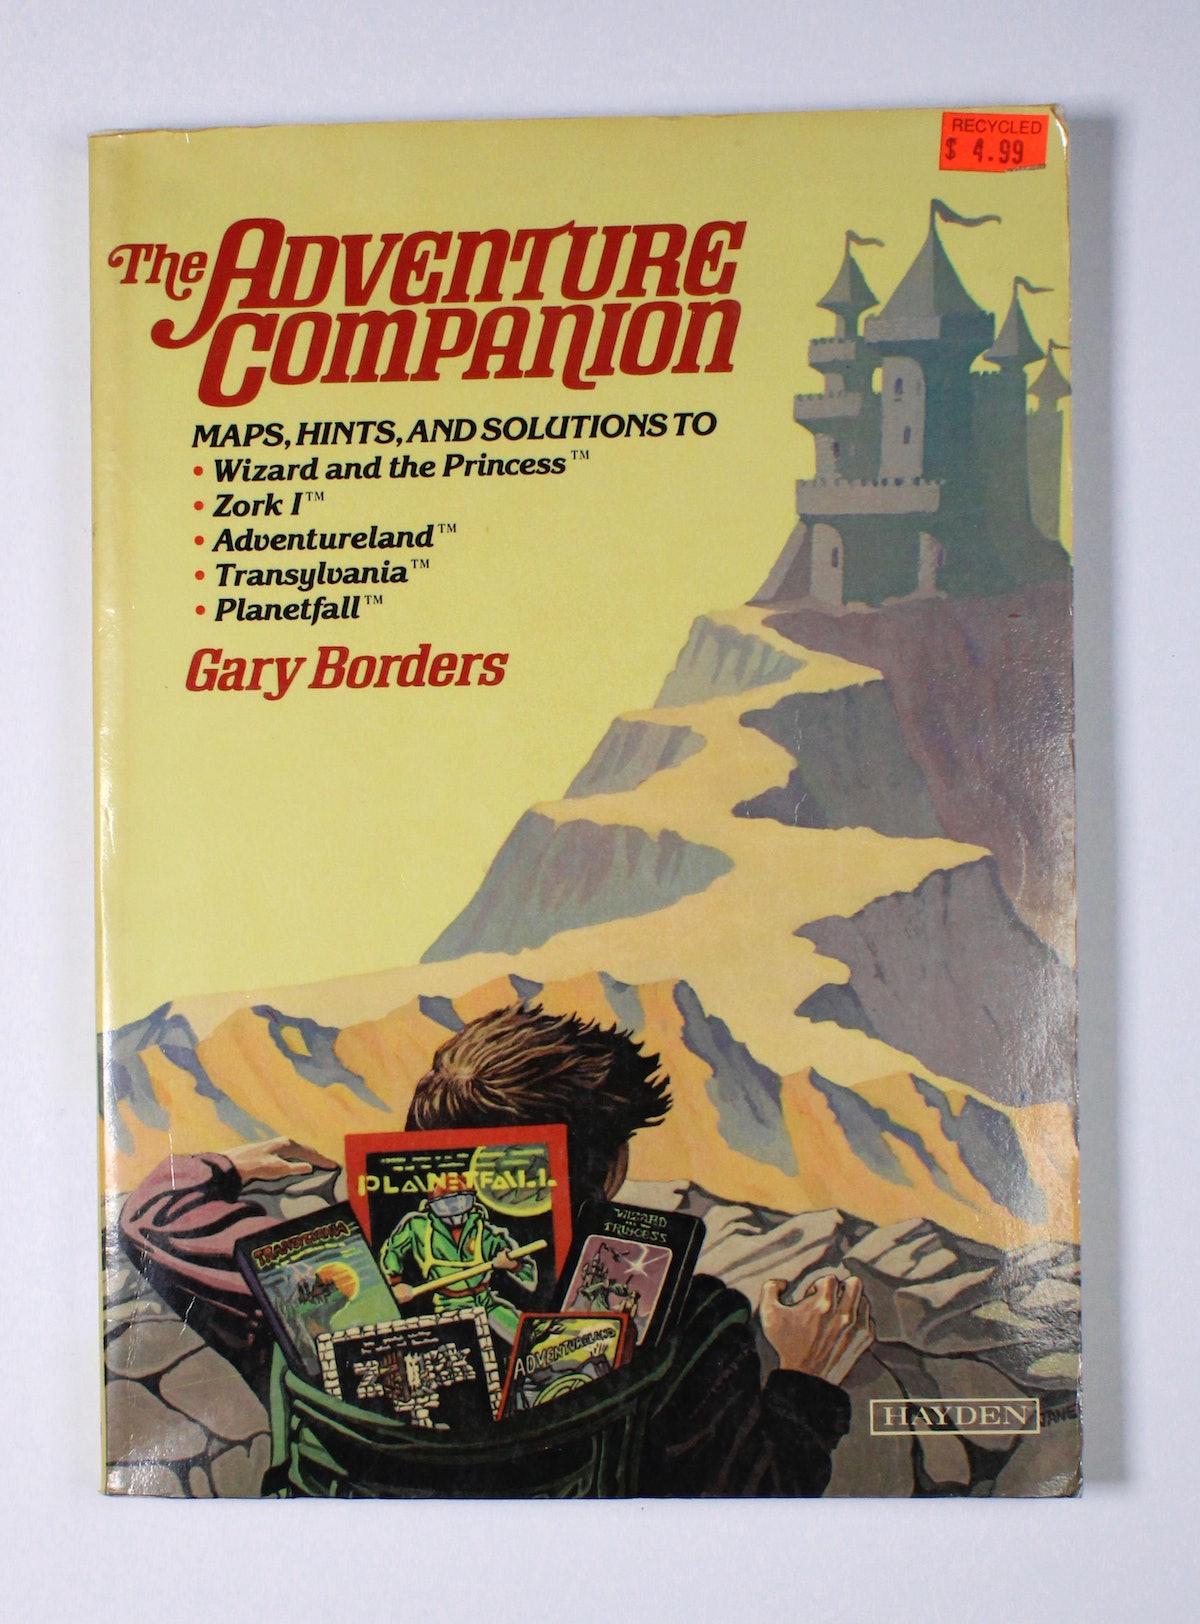 The Adventure Companion